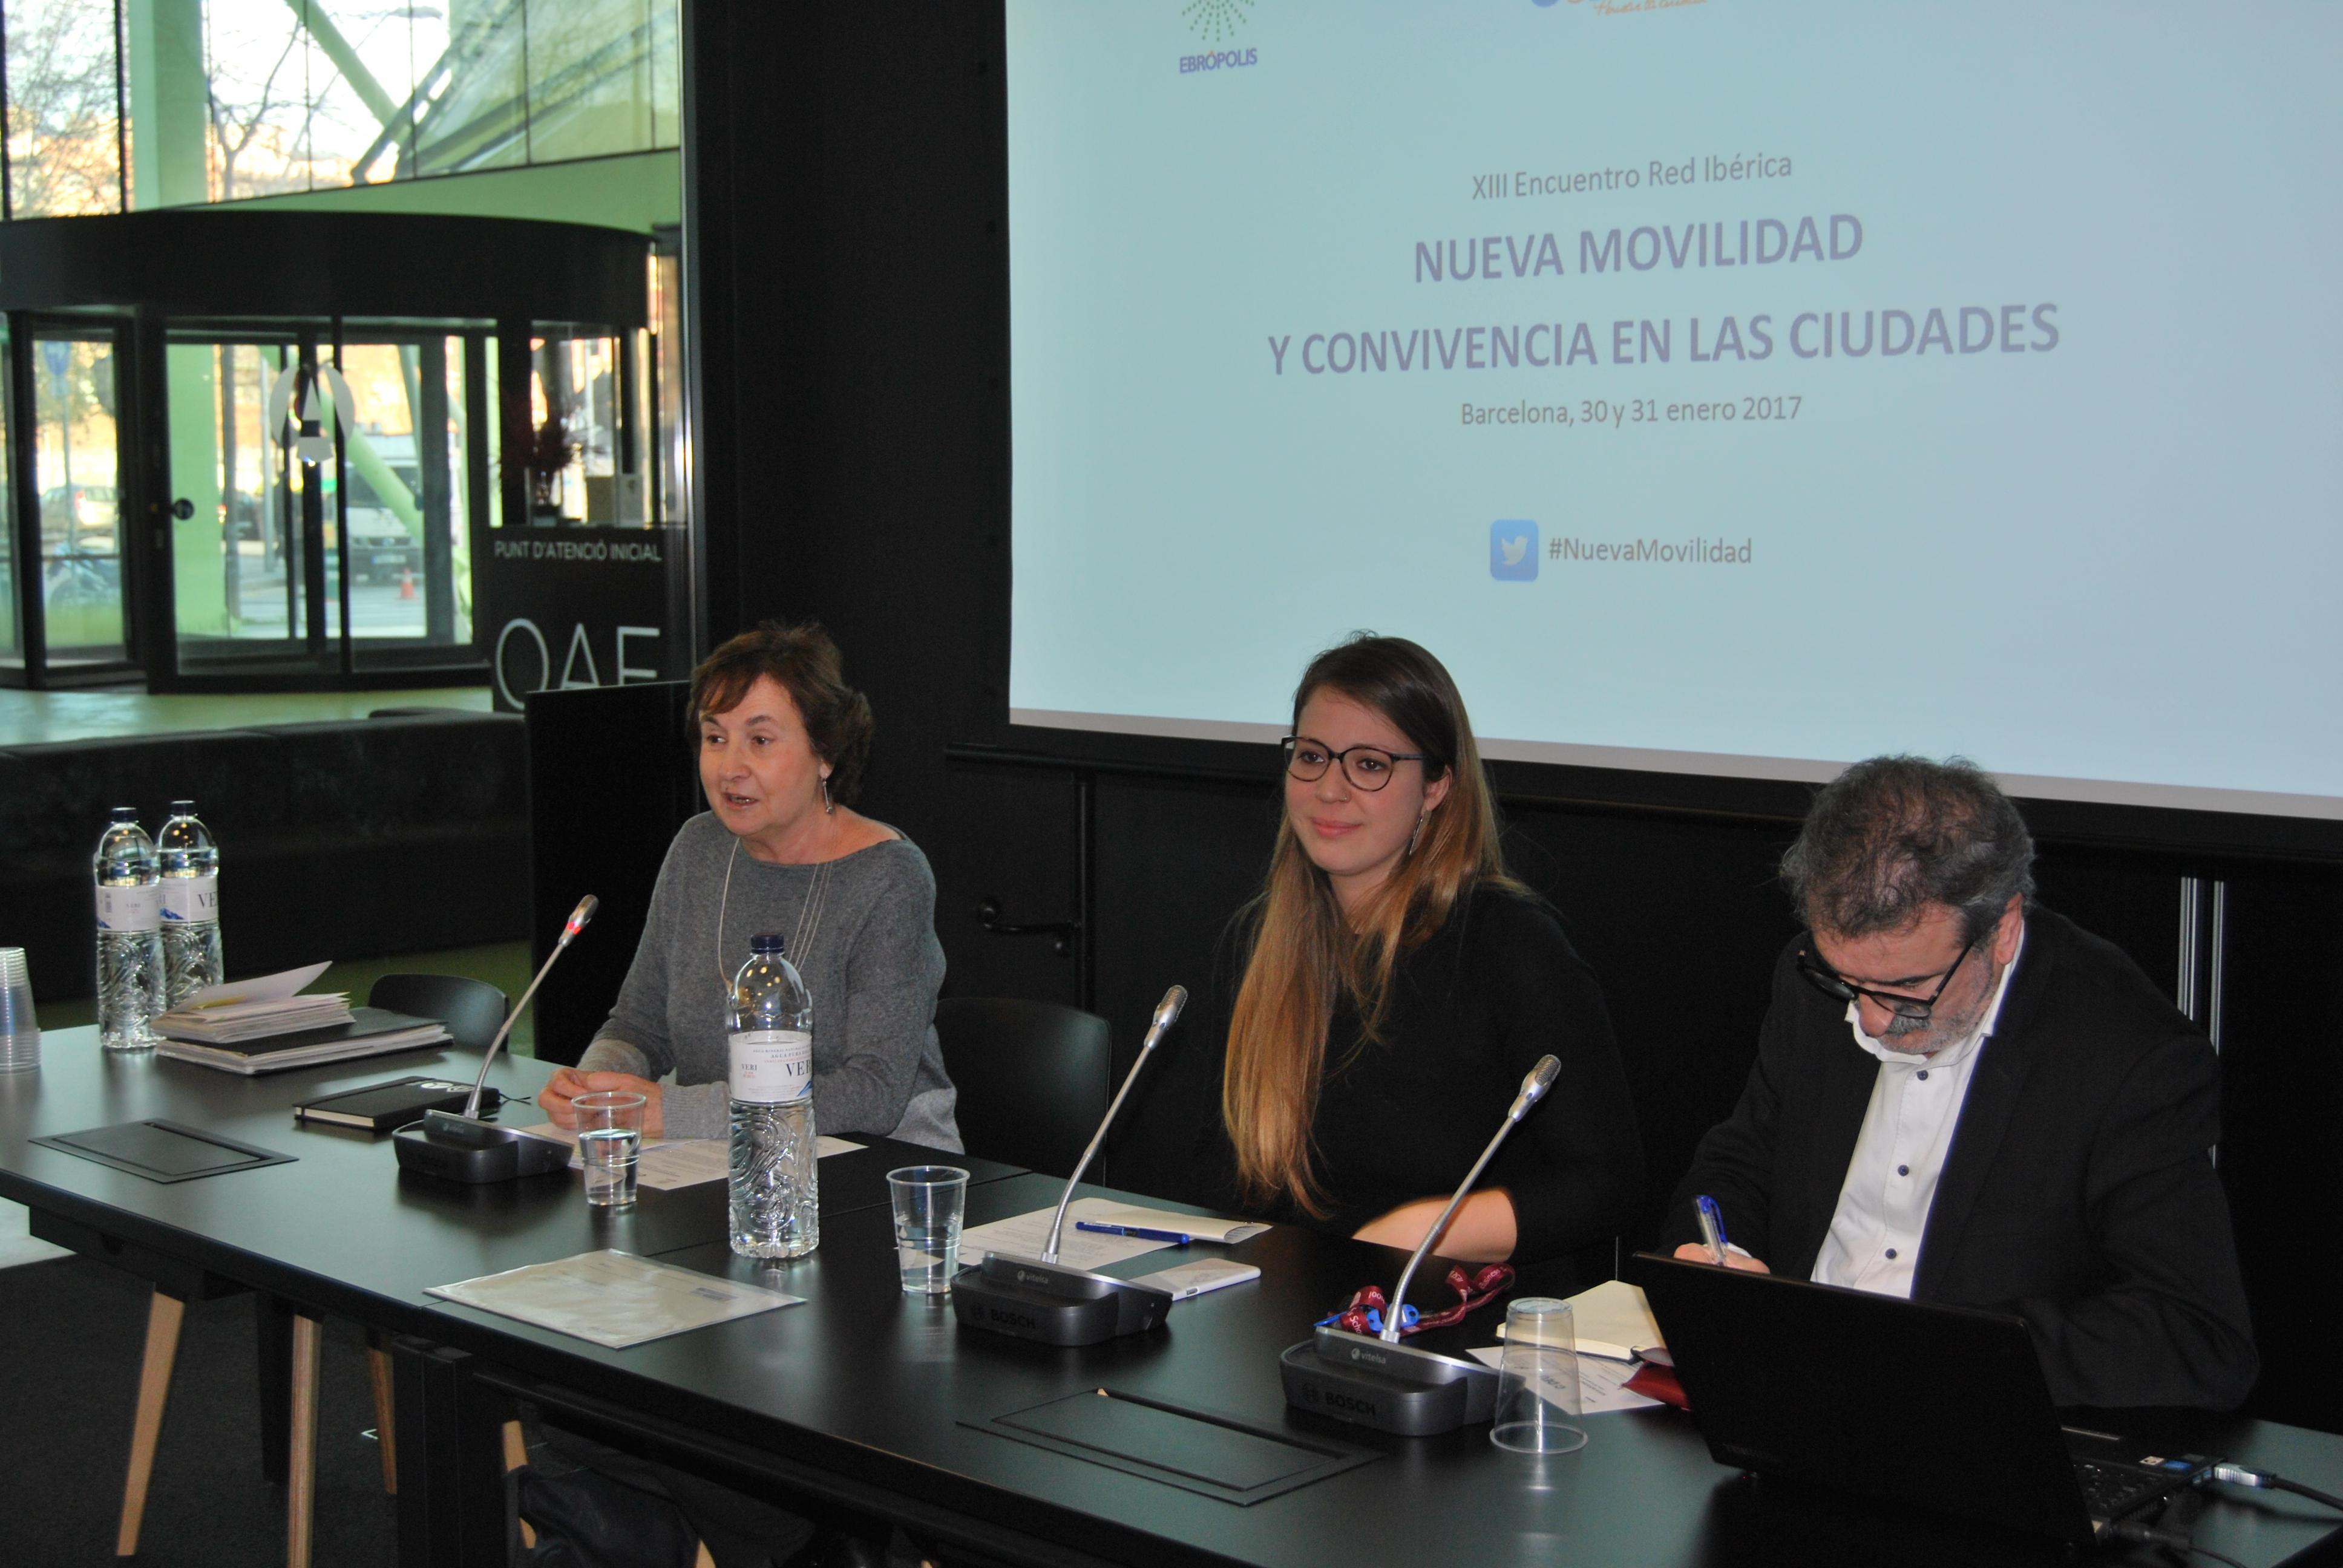 Janet Sanz, Maravillas Rojo i Kepa-Korta donen la benvinguda a la XIII Reunió Xarxa Ibèrica CIDEU